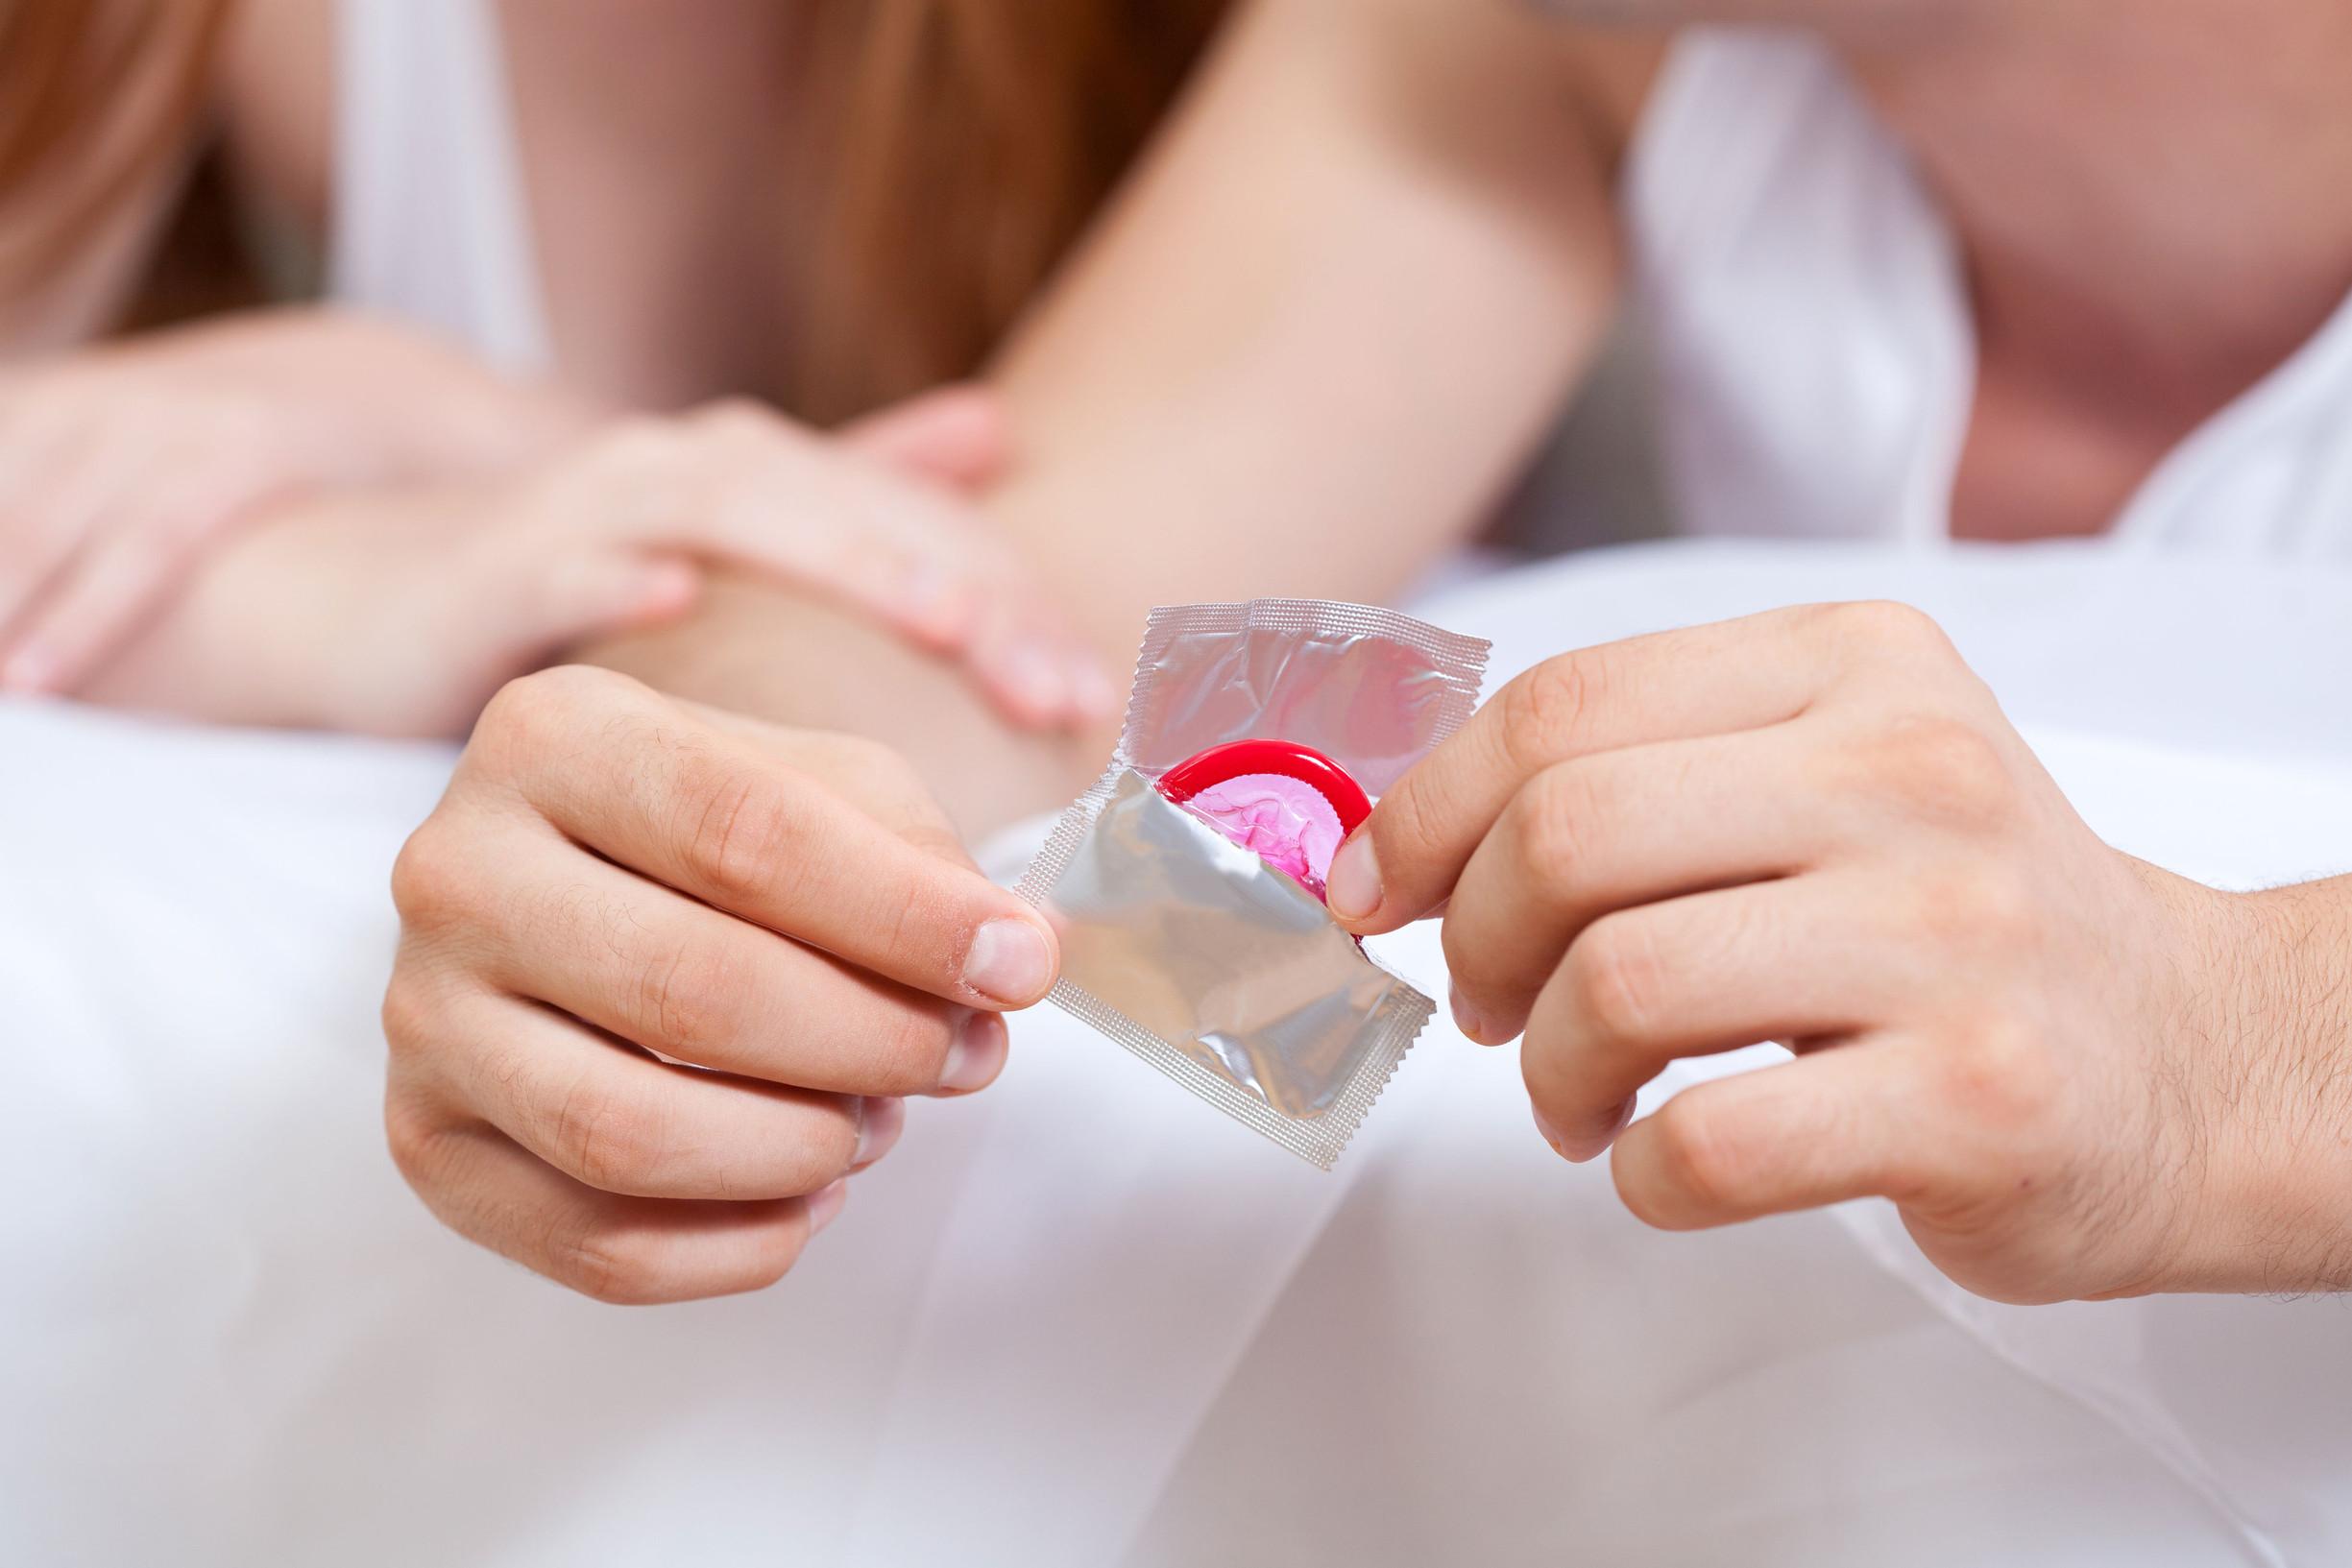 kondomin laitto